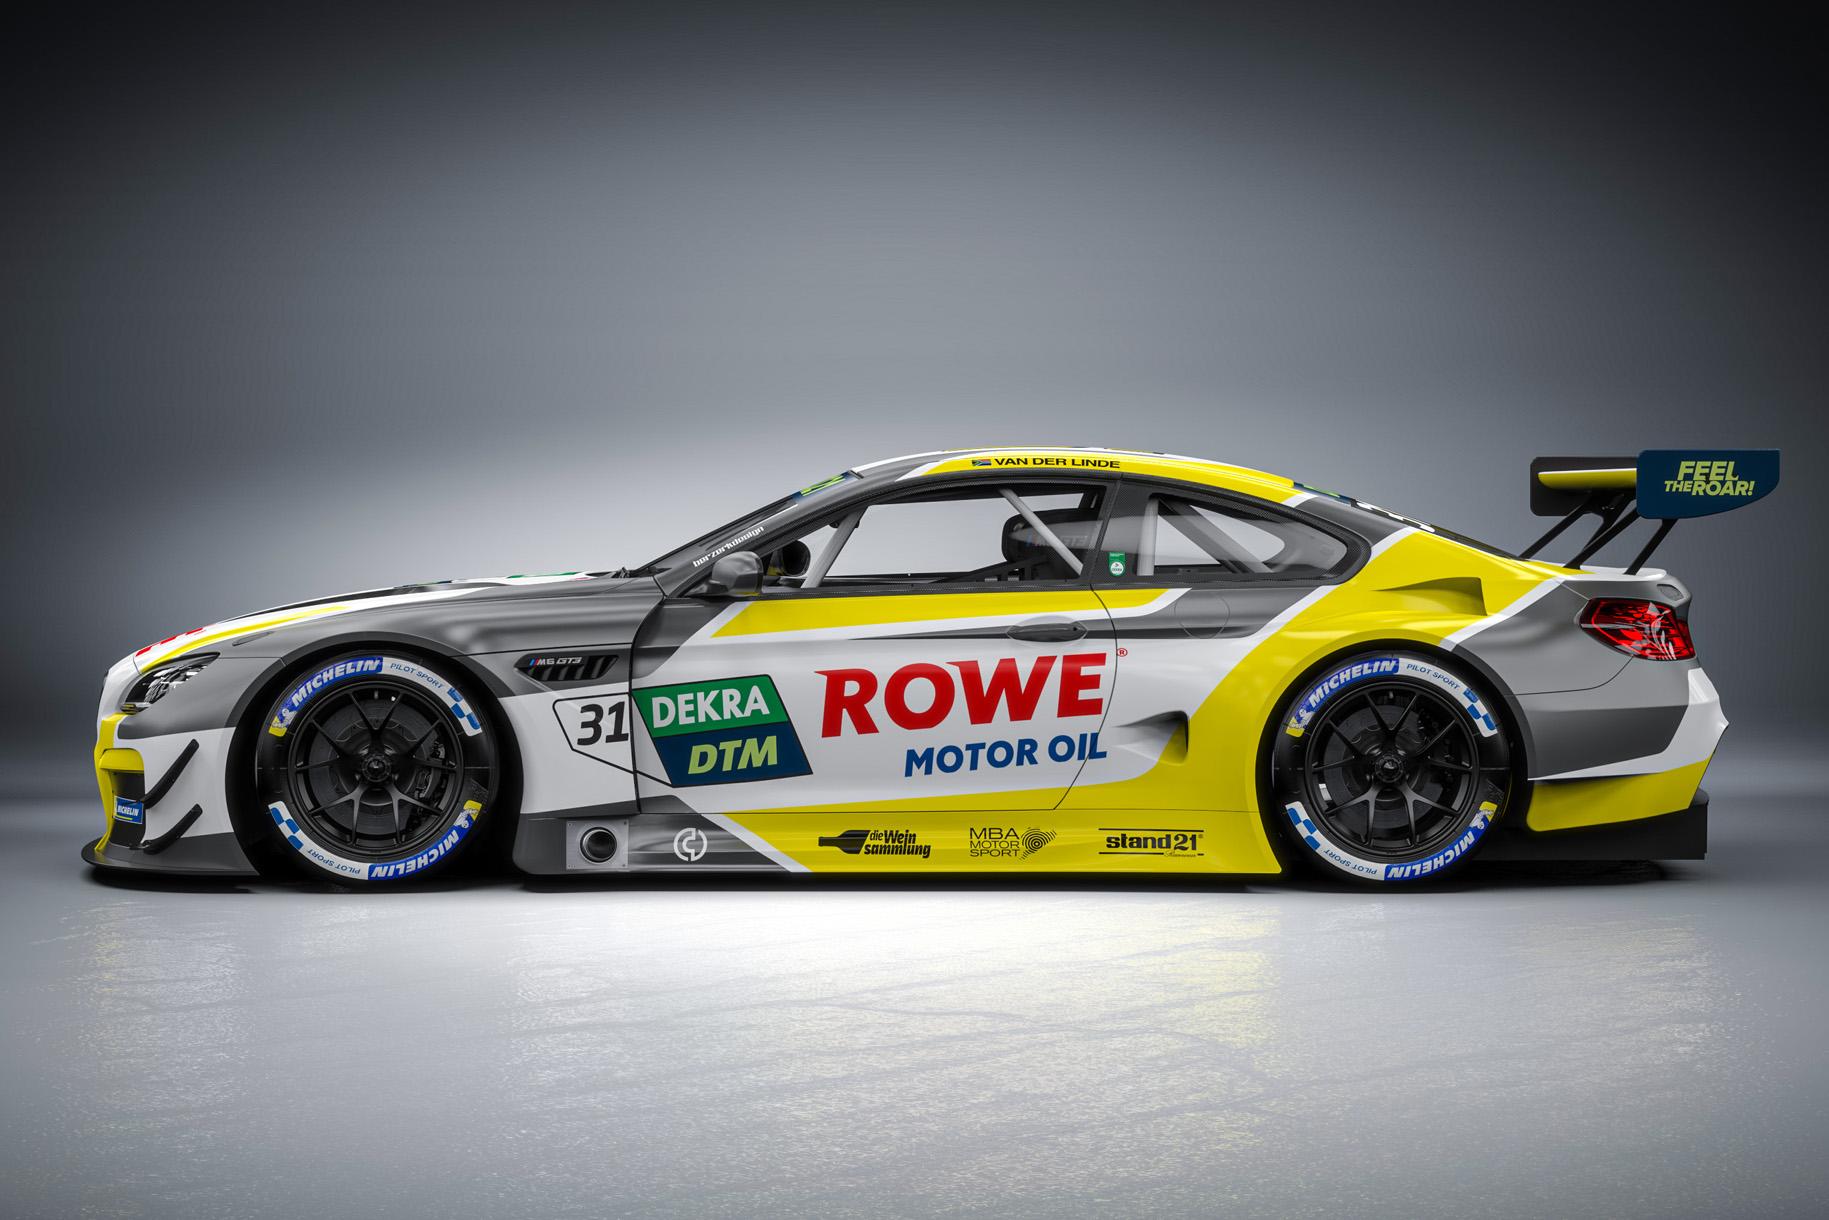 ROWE RACING schickt Sheldon van der Linde ins erste Bruderduell seit Wiedereinführung der DTM im Jahr 2000